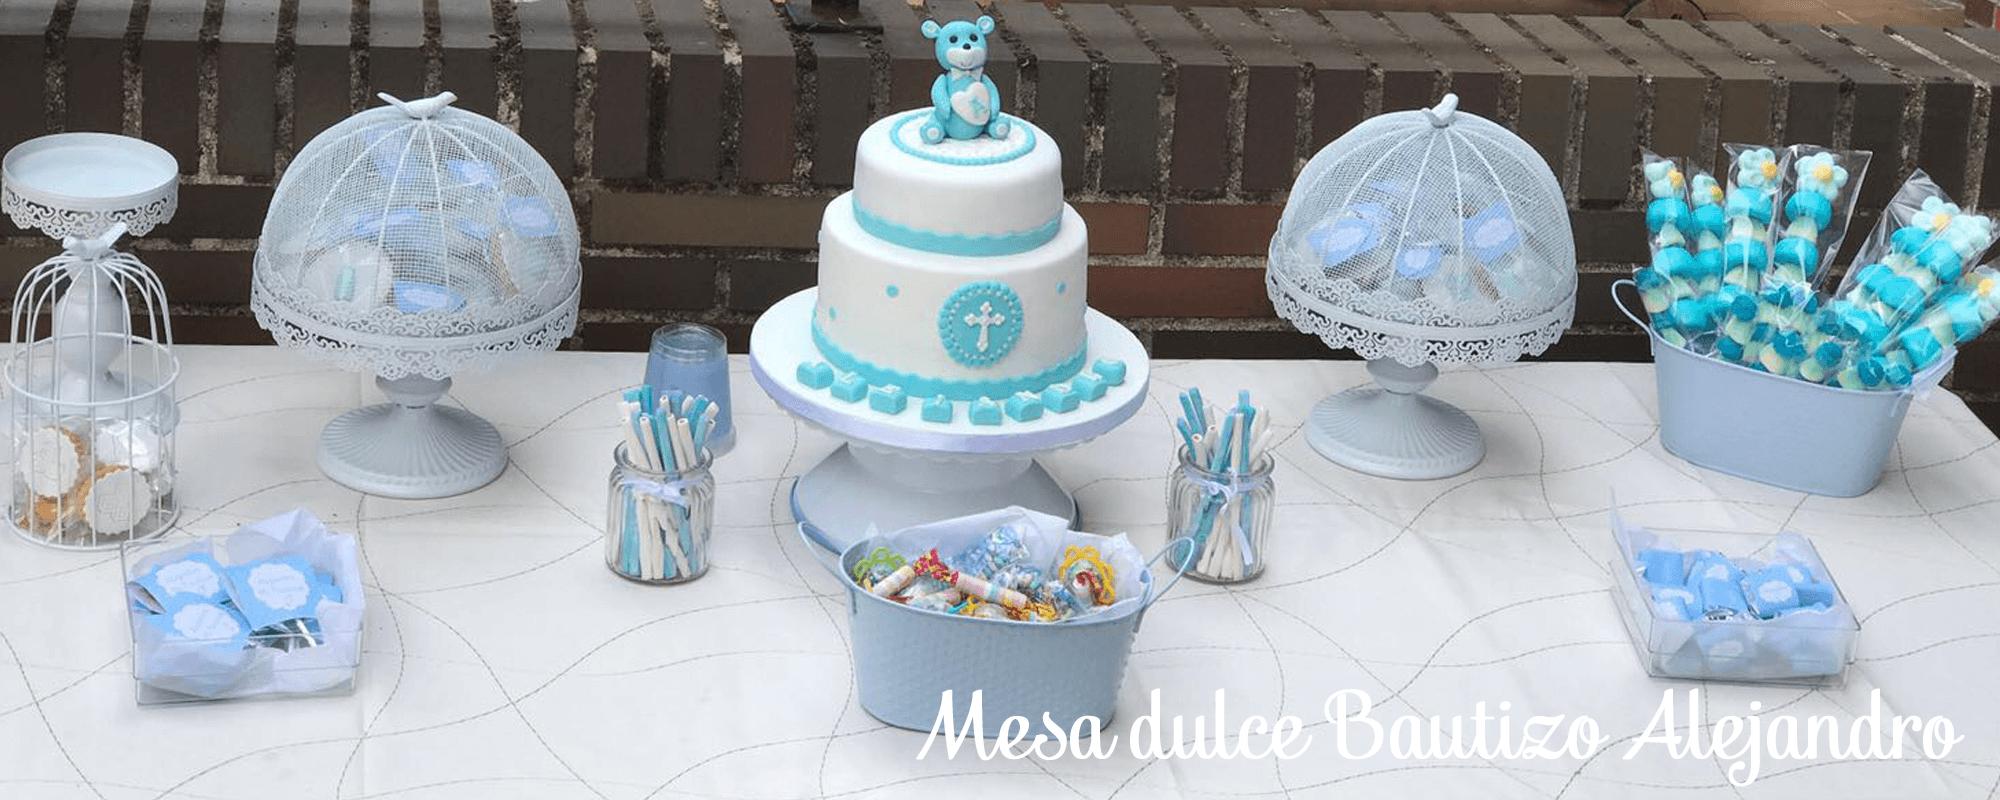 mesa dulce bautizo